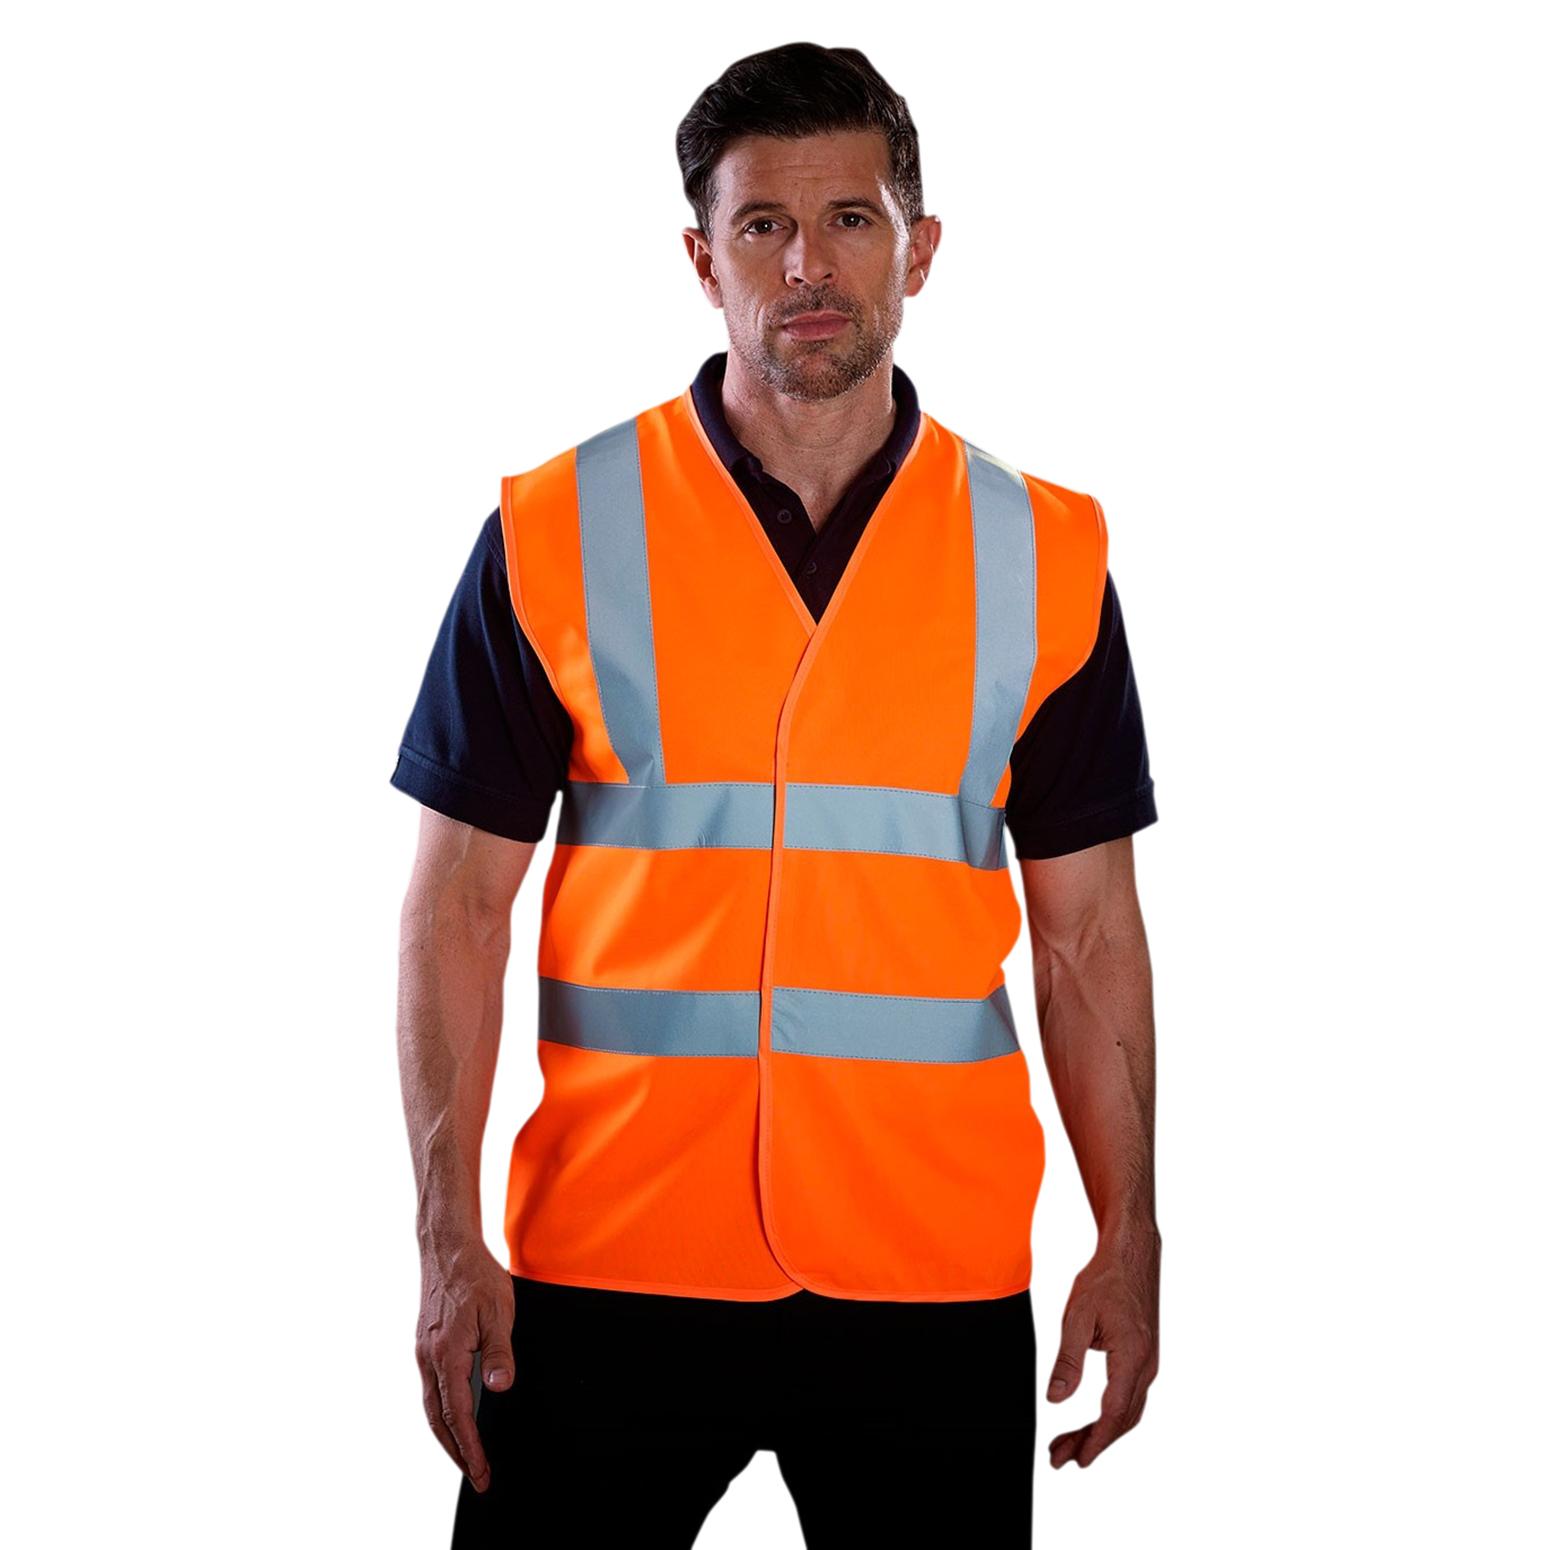 Grafters Unisex Hi-Visibility Safety Waistcoat (4XL) (Orange)